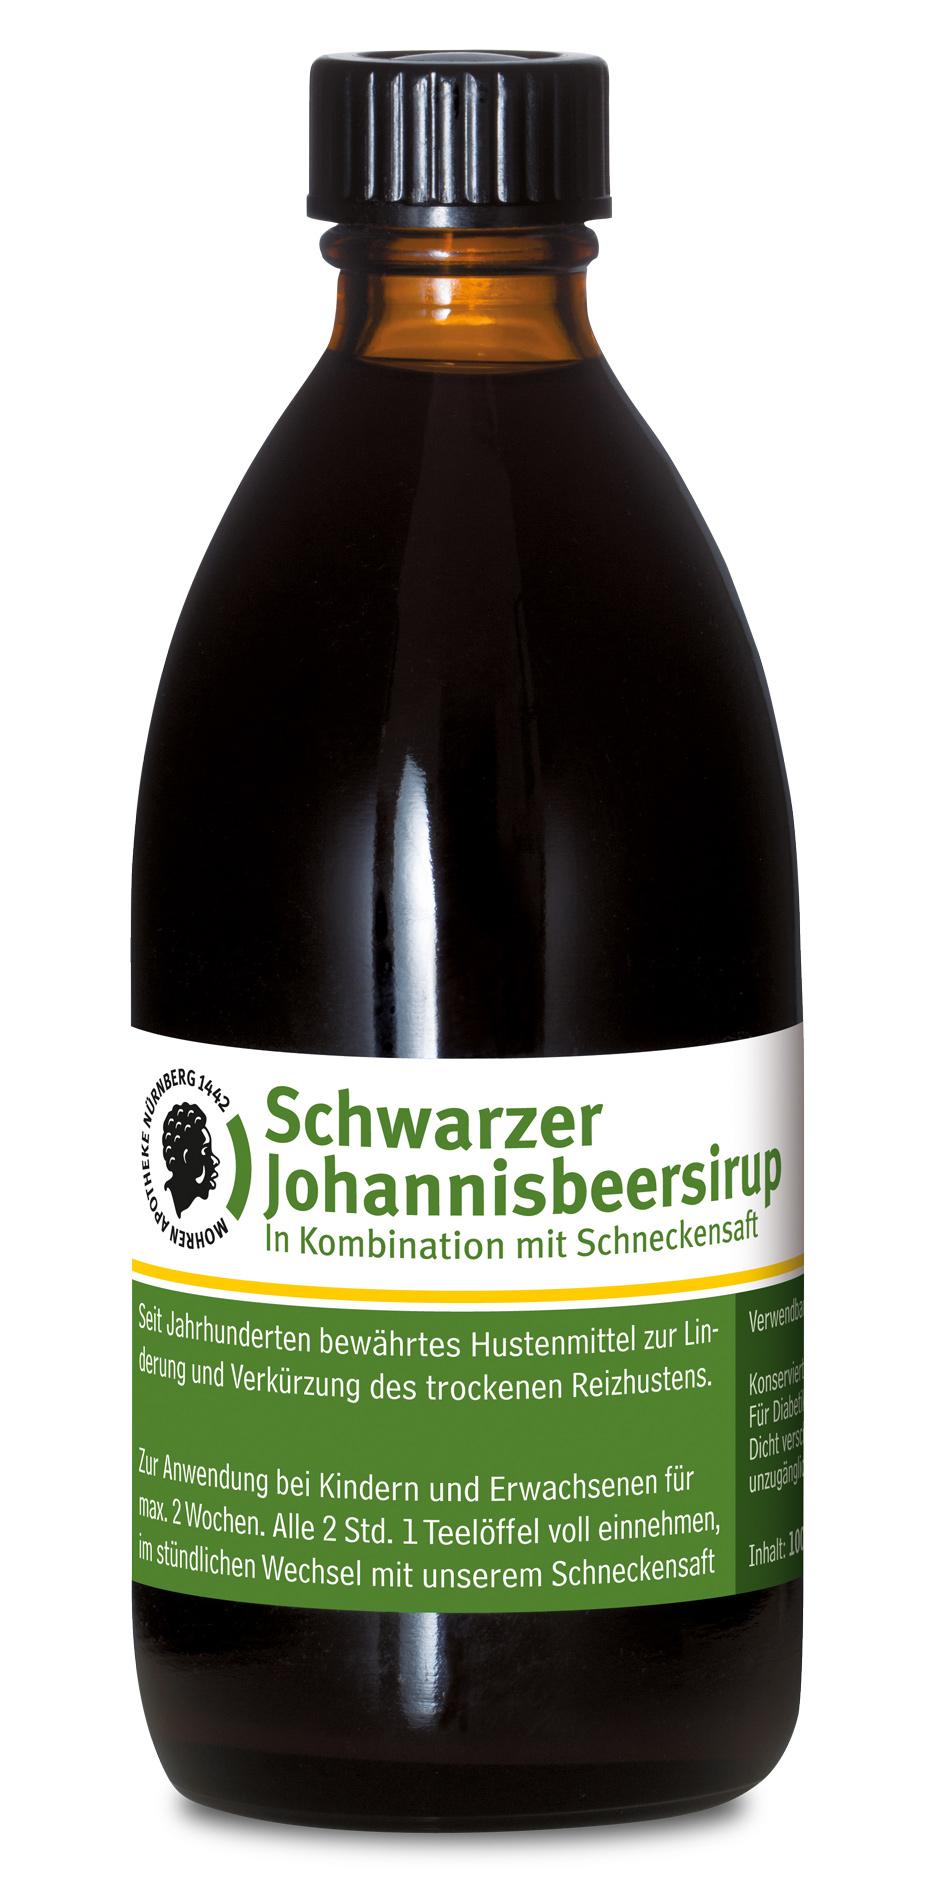 Mohren-Apotheke Nürnberg Schwarzer Johannisbeersirup